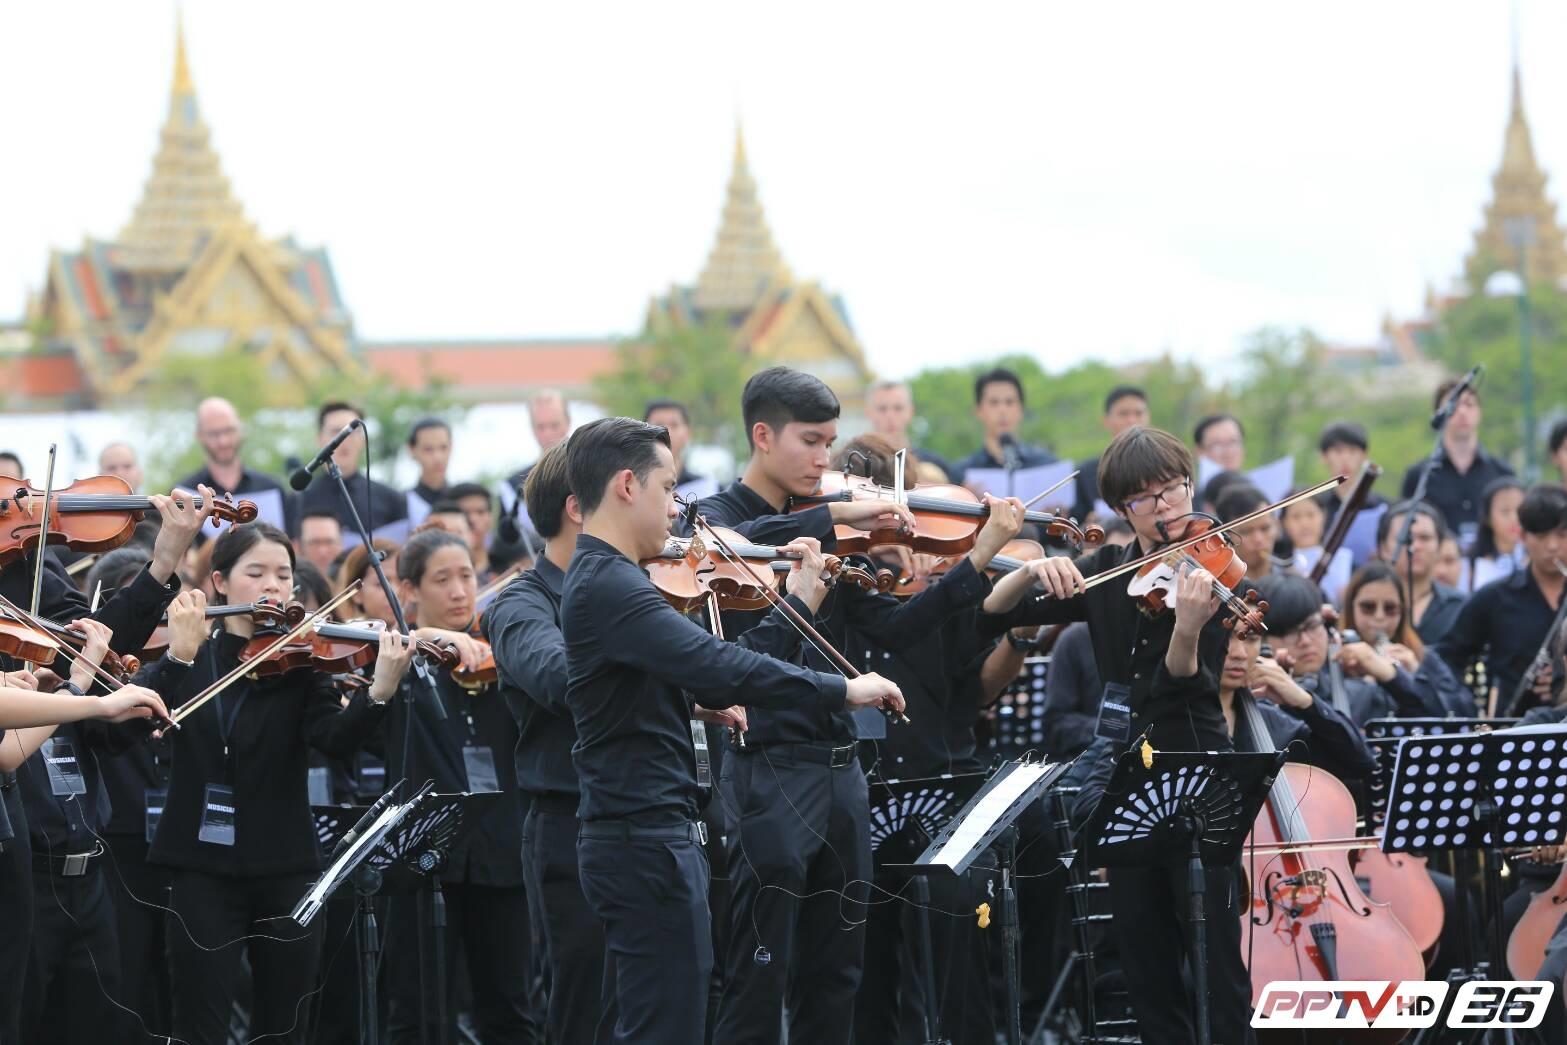 """จารึกประวัติศาสตร์ พสกนิกรไทยร้องเพลง """"สรรเสริญพระบารมี"""" ดังก้องแผ่นดิน (คลิป)"""